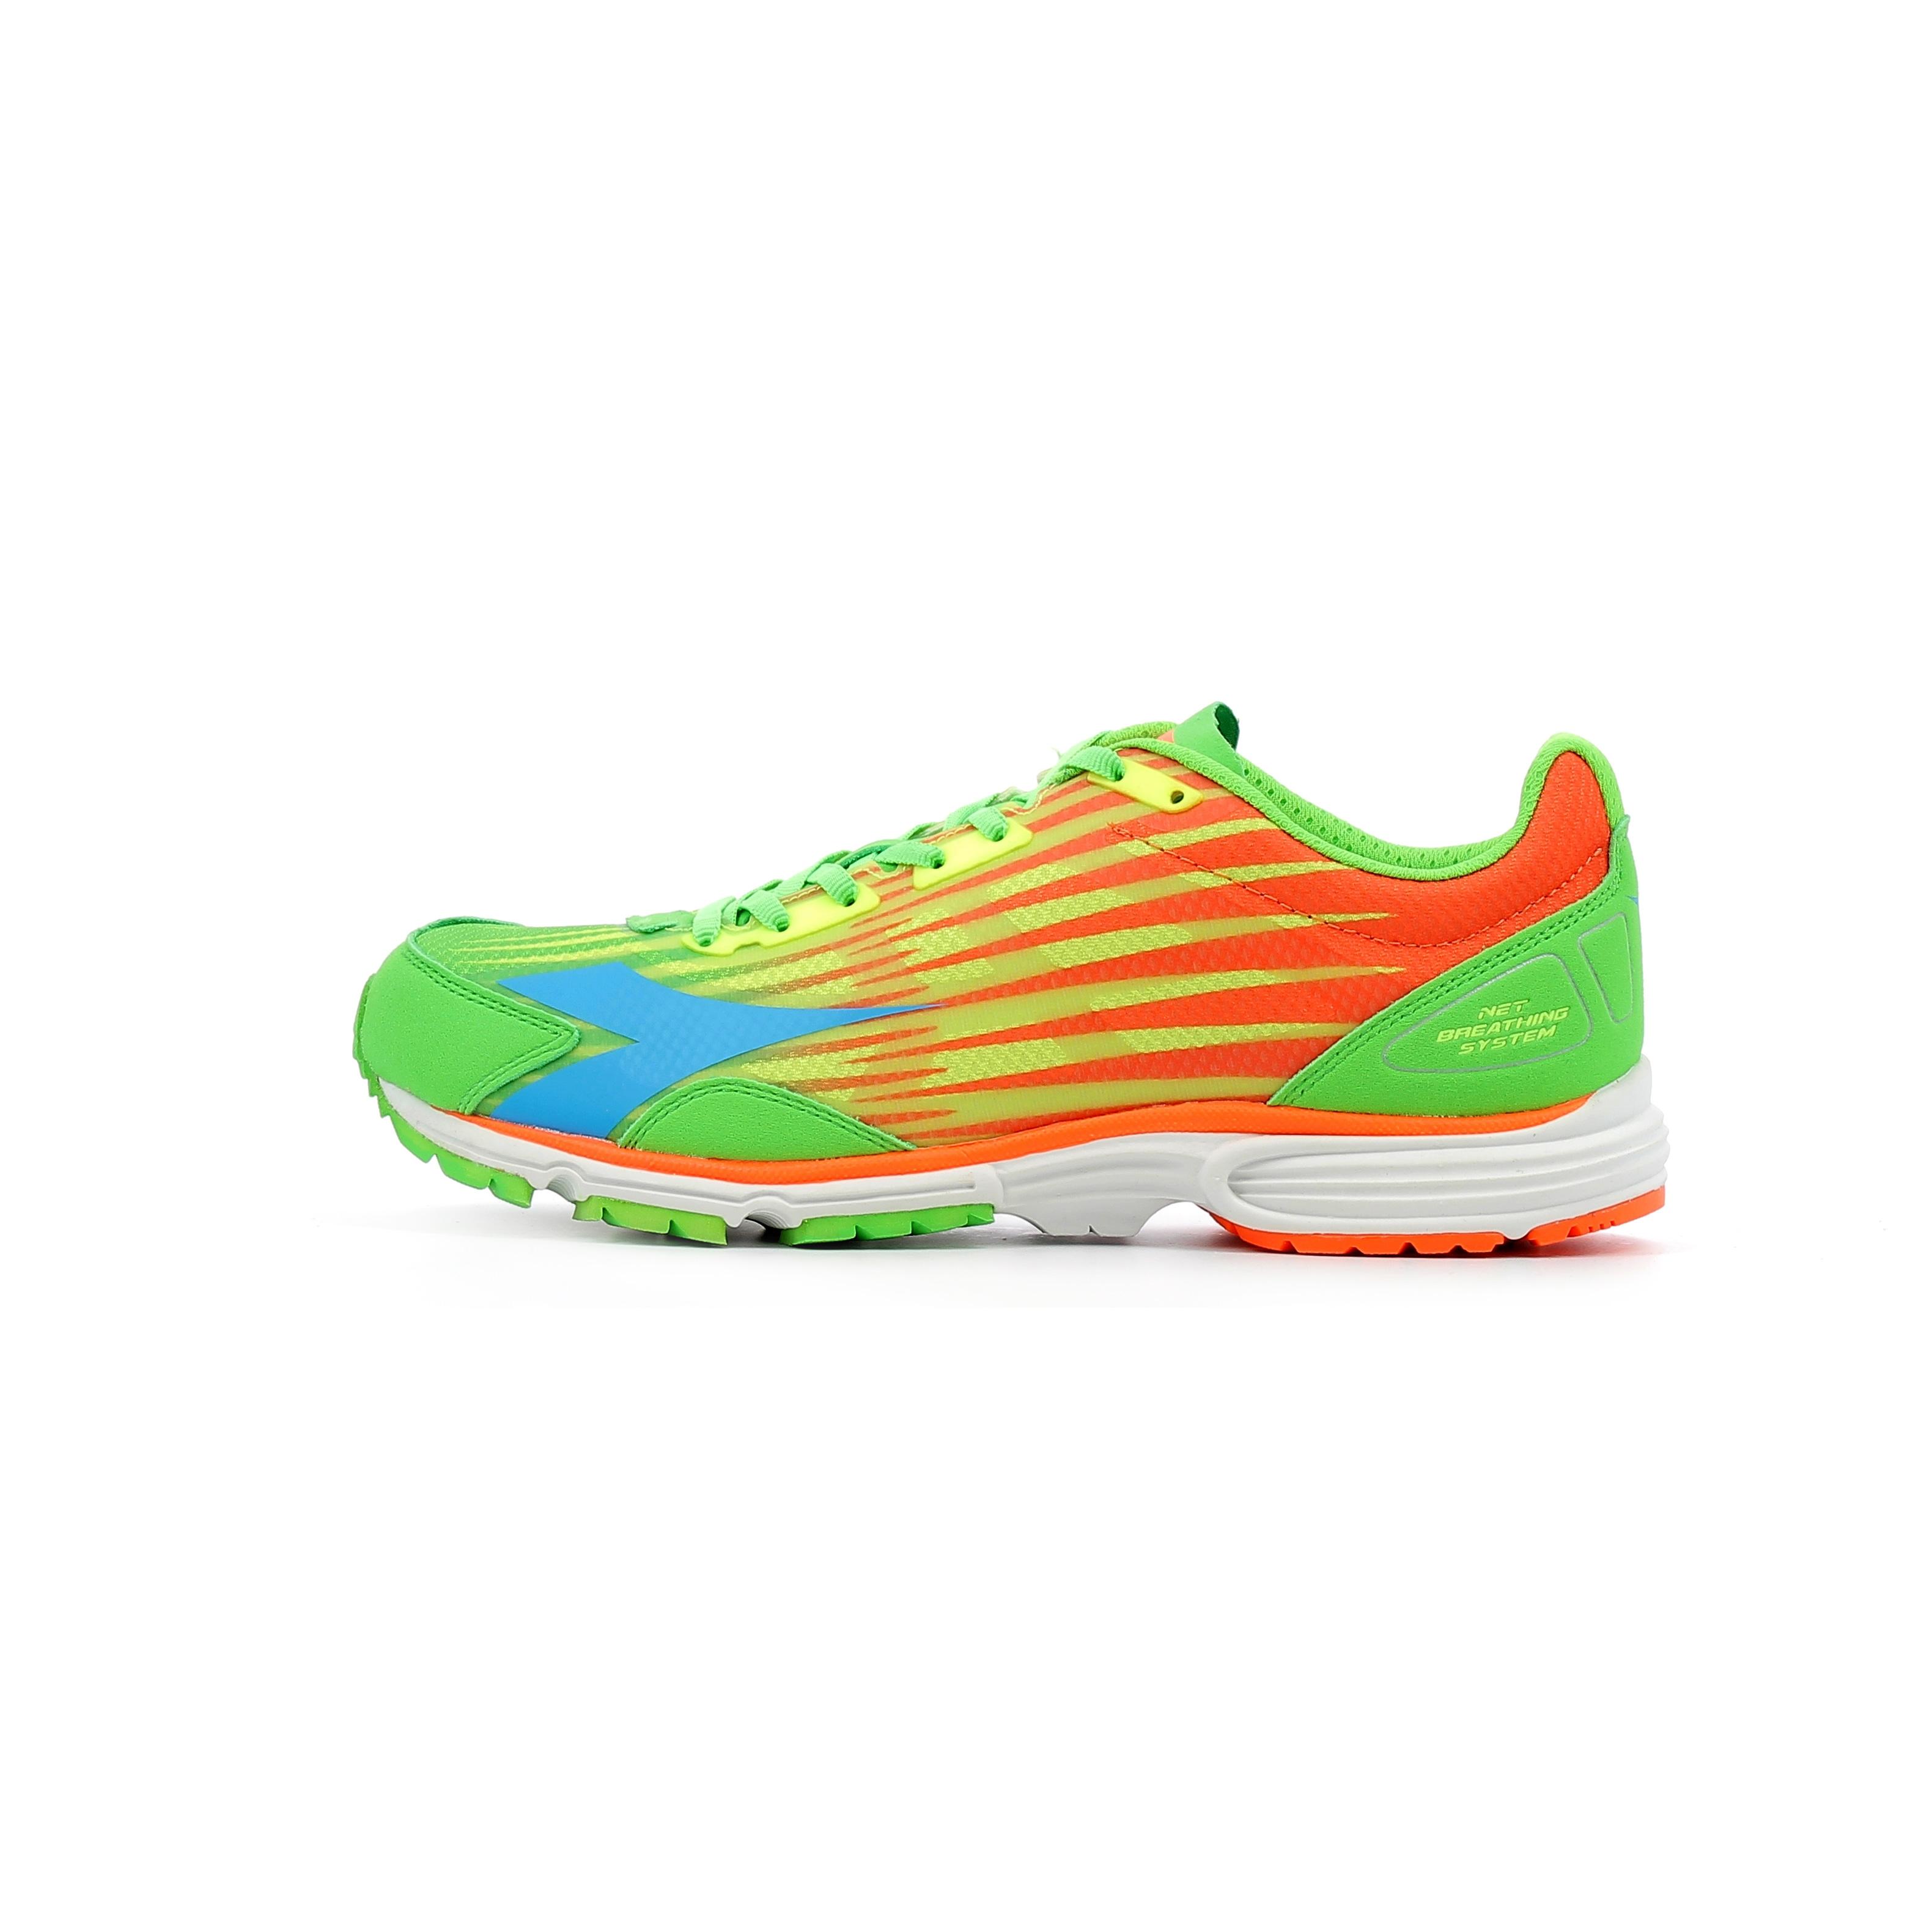 1 N Chaussures Vert Diadora Running 2100 De xwzHwqaSf